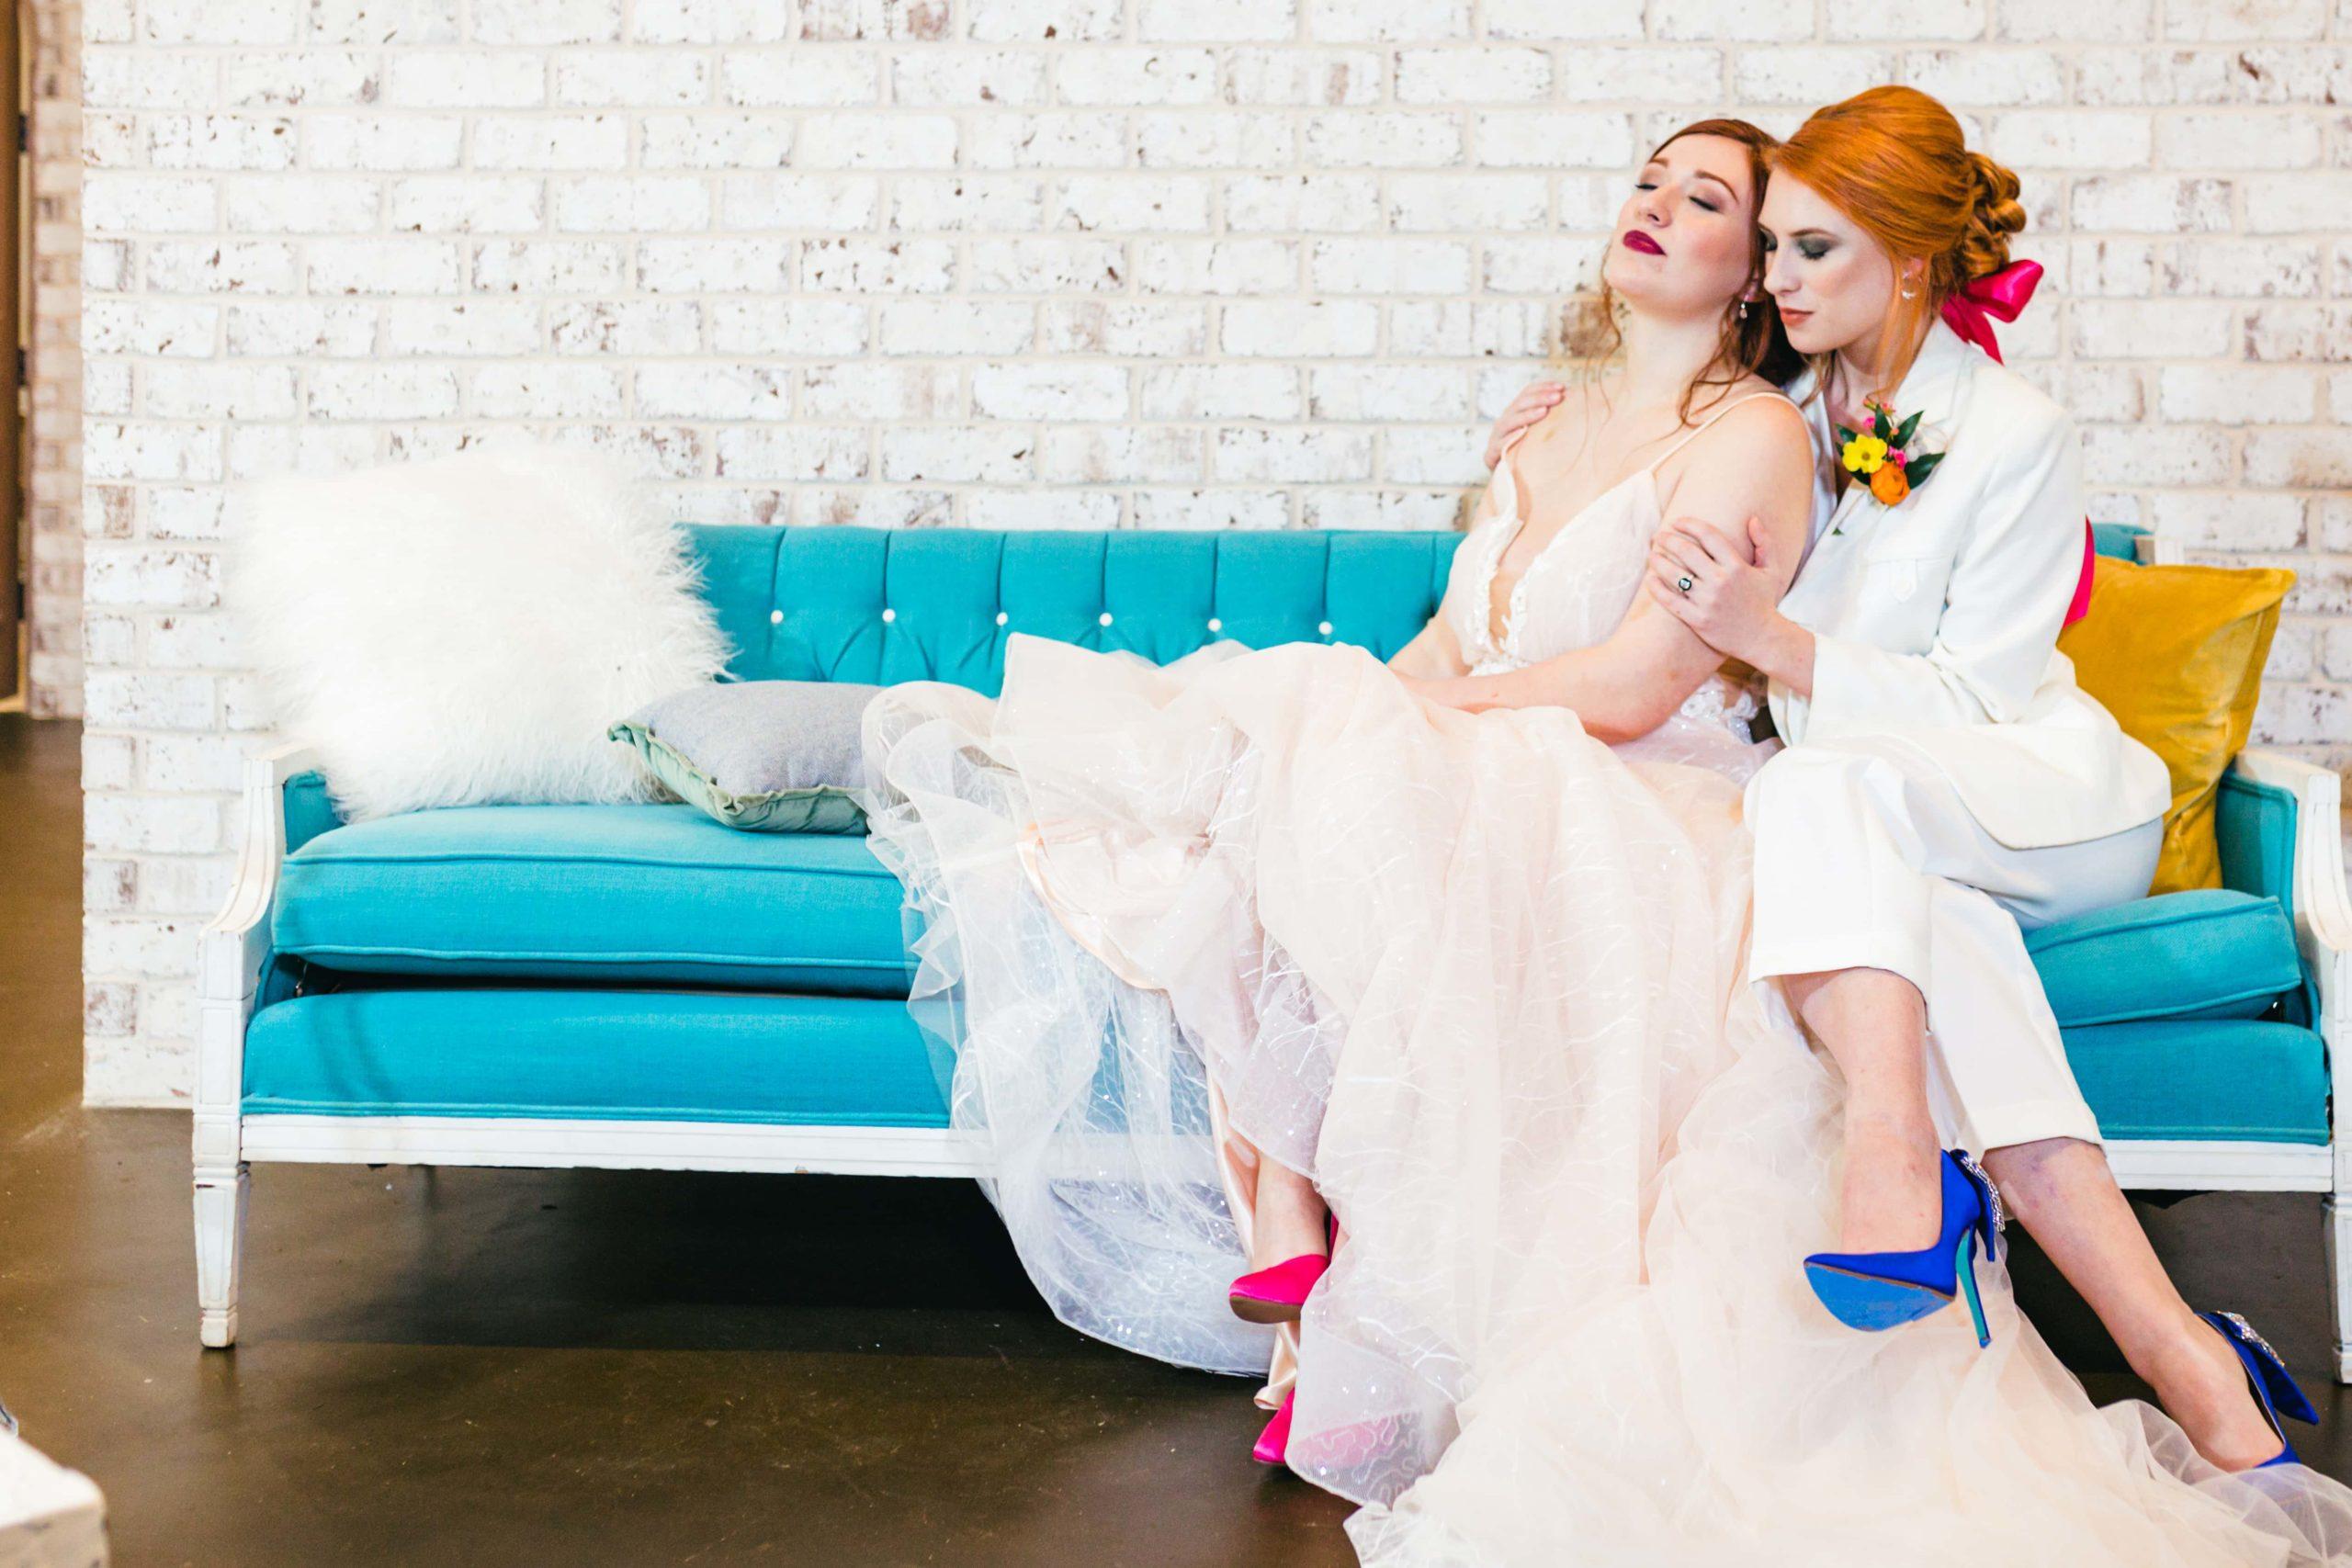 Brick-and-ivey-styled-shoot-atlanta-wedding-photographers-lsc00250